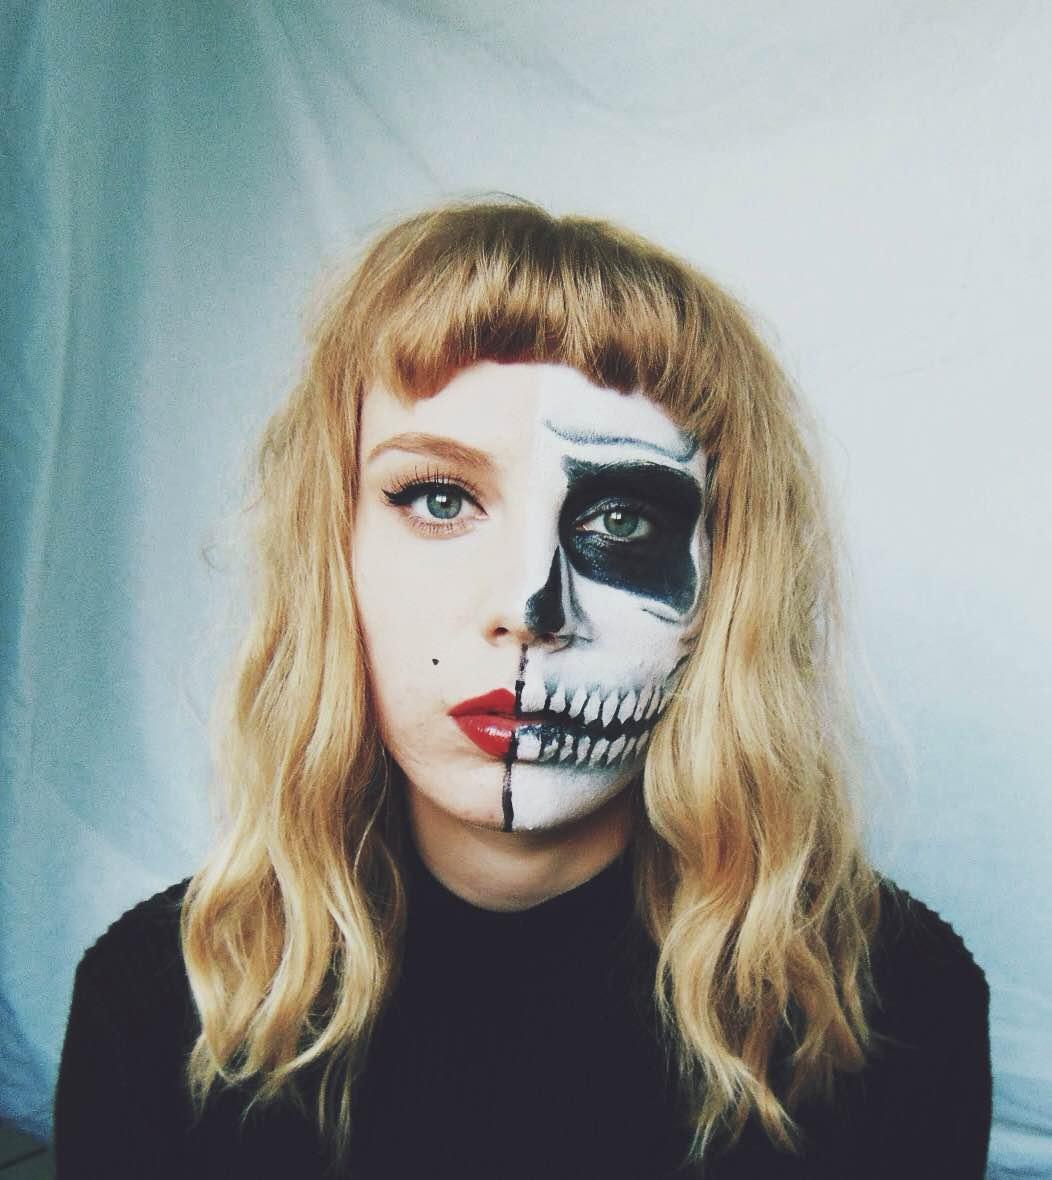 halloween half face paint ideas halloween makeup half skull half pin up alybell - Skull Face Painting Ideas For Halloween